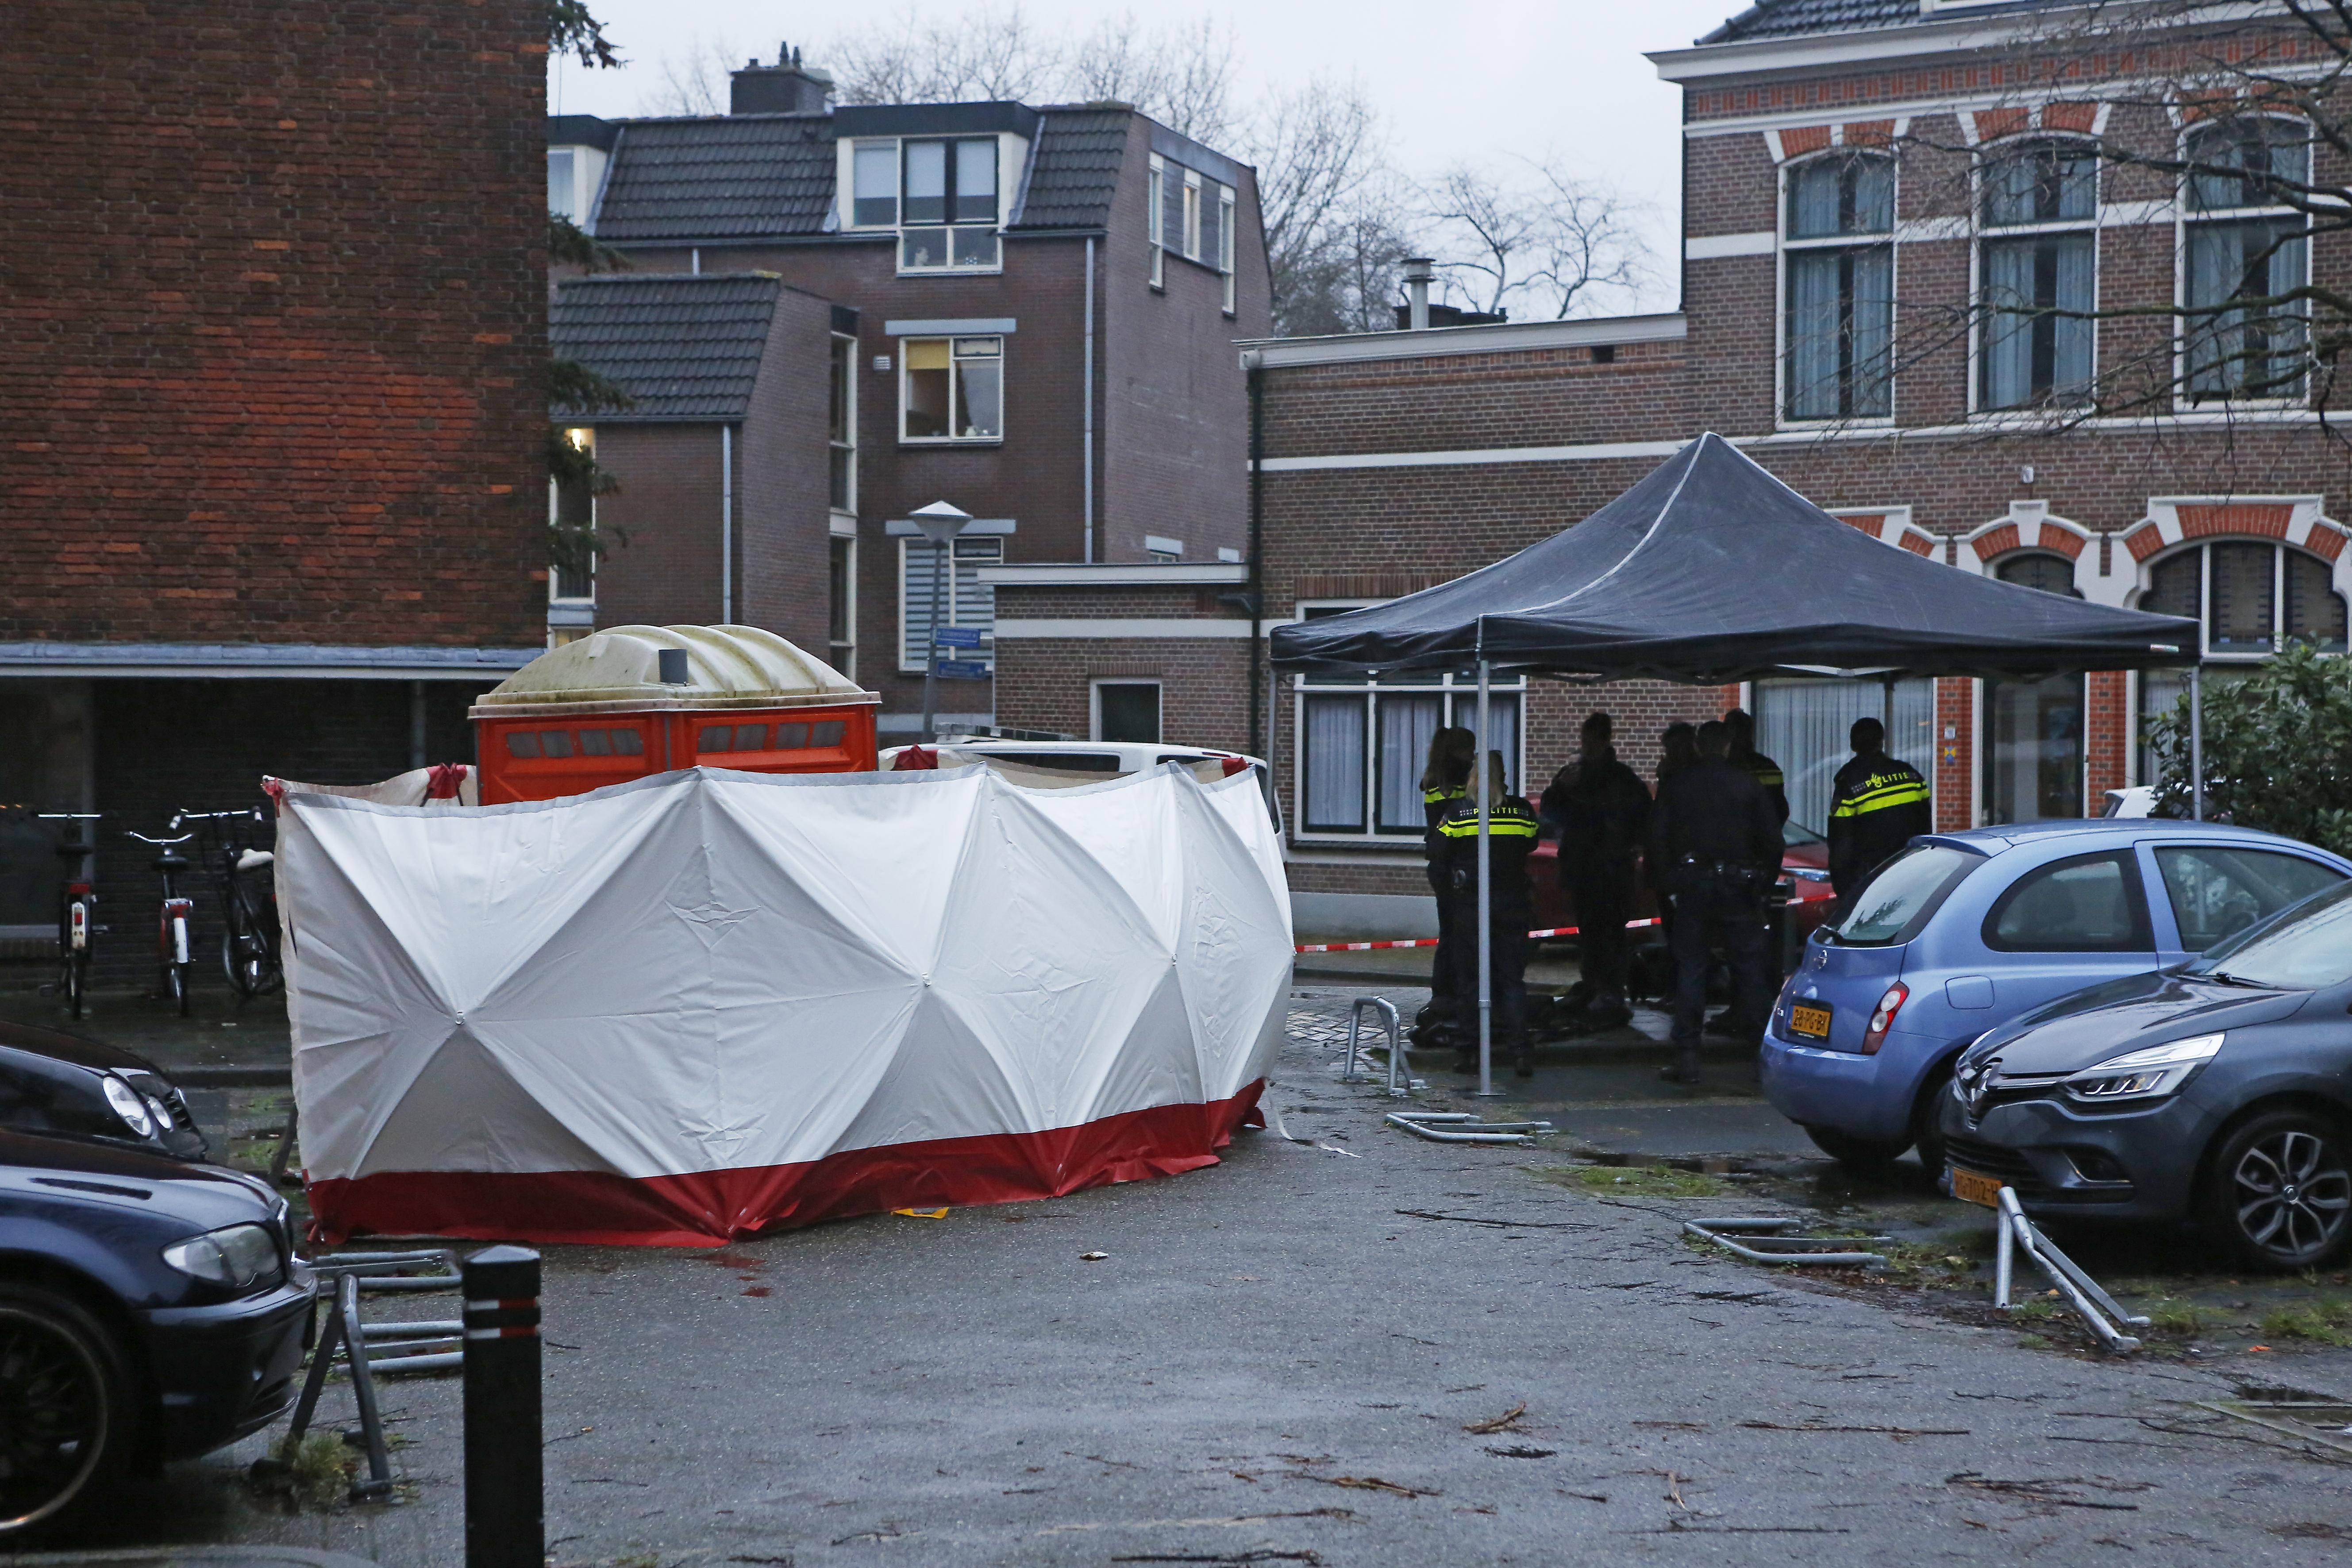 Lichaam aangetroffen in mobiel toilet op Hilversums parkeerterrein